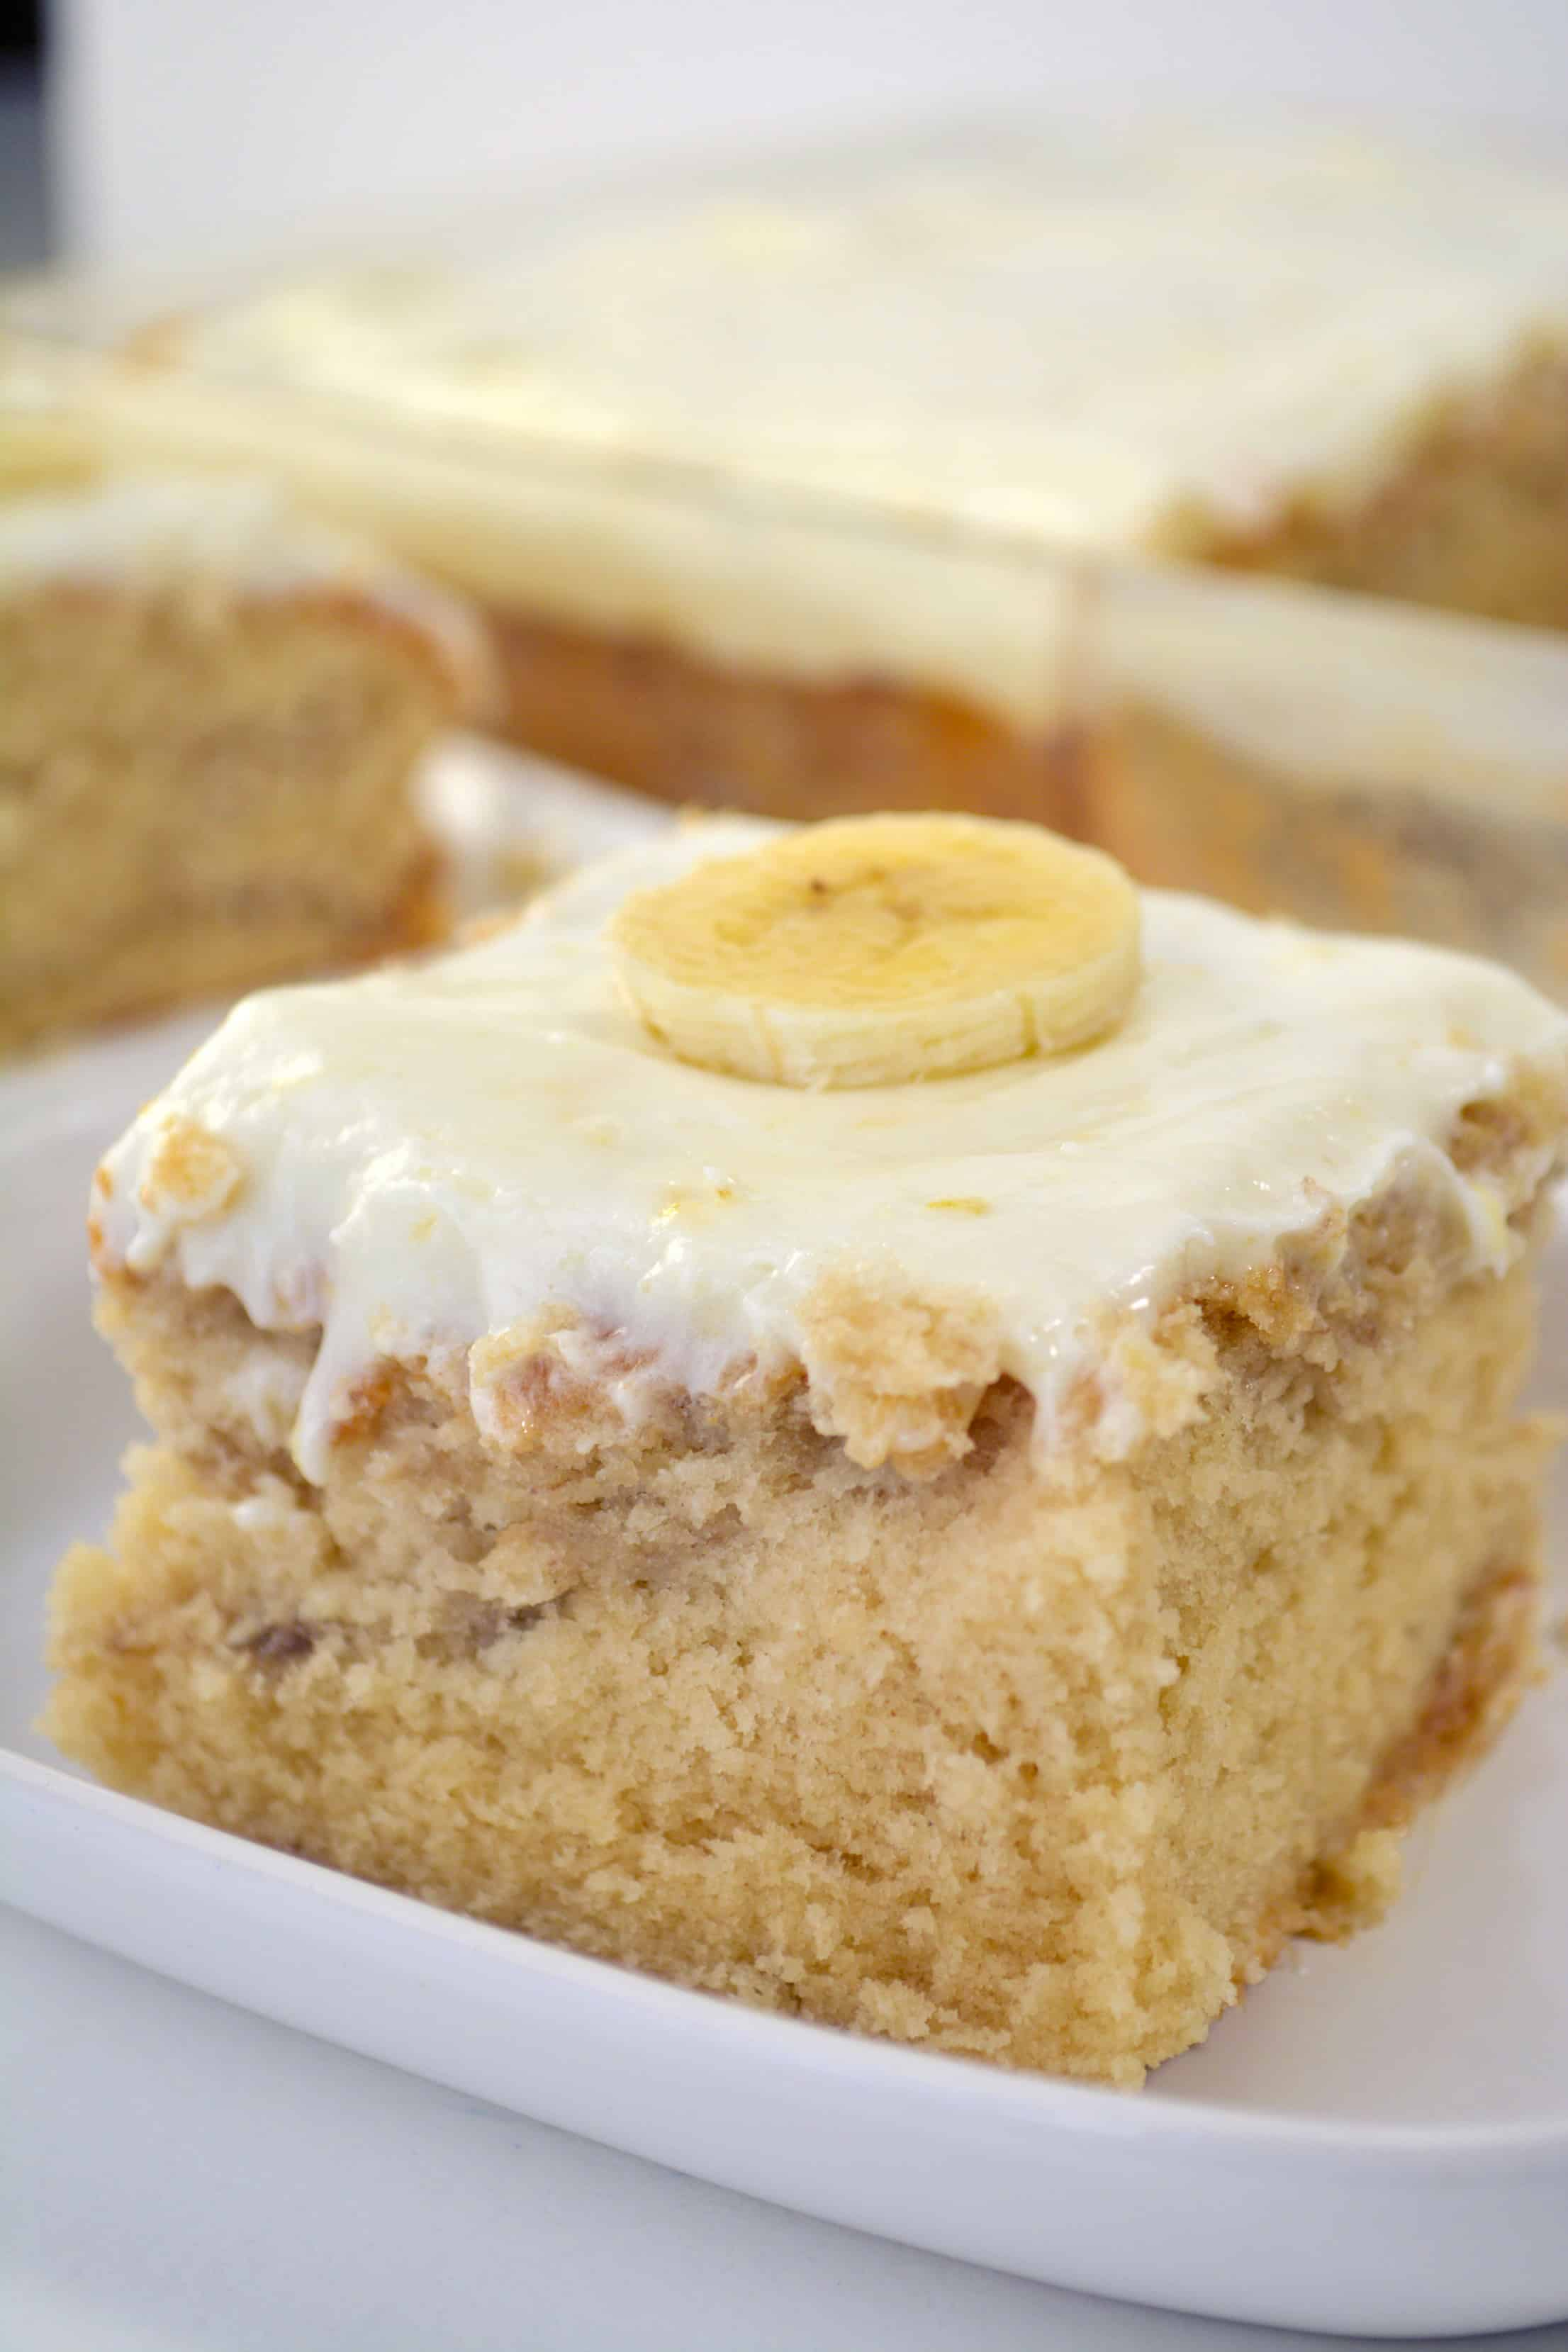 Best Banana Cake Recipe with Cream Cheese Icing